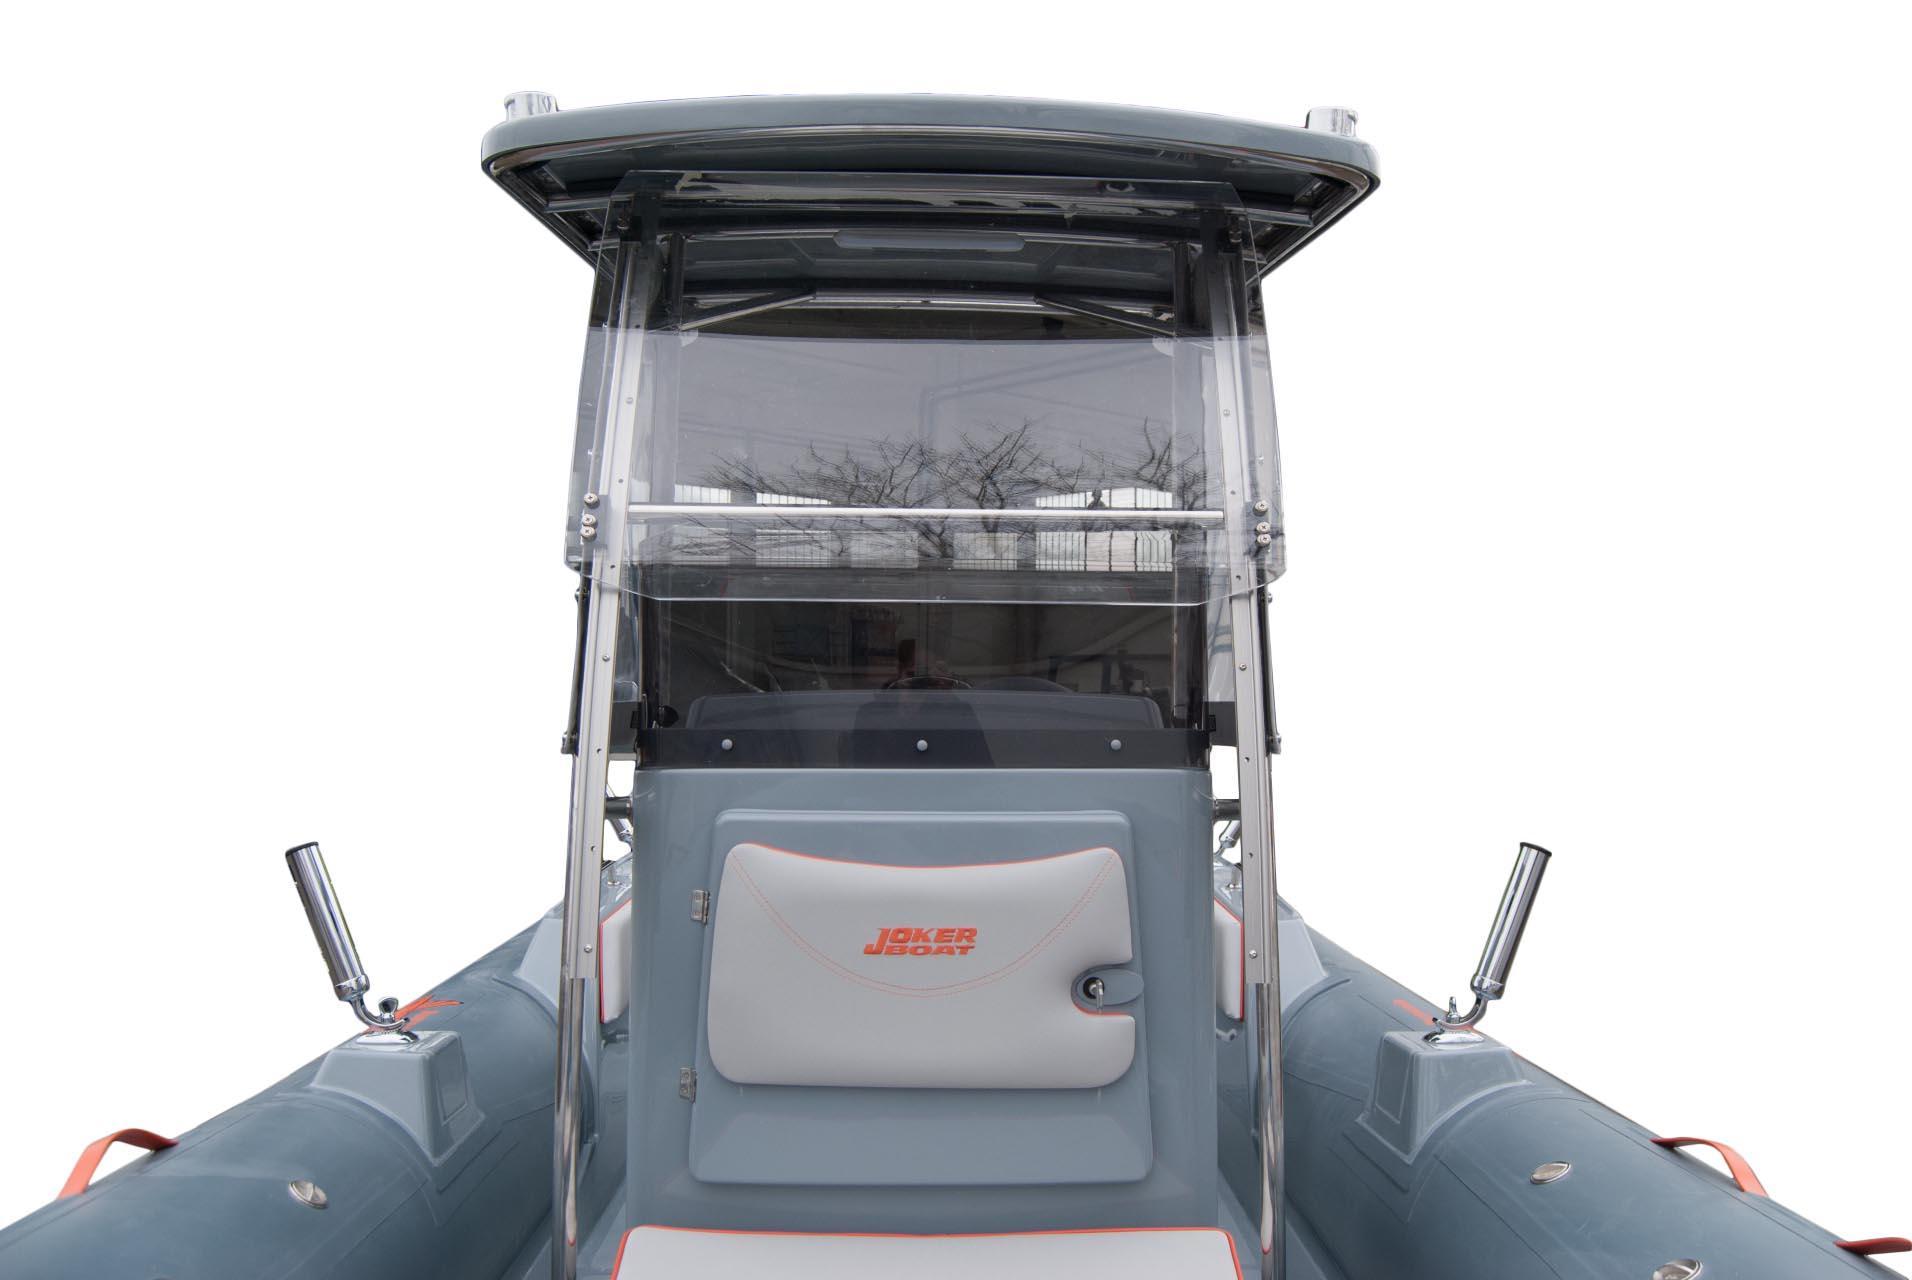 Joker Boat Barracuda windscreen